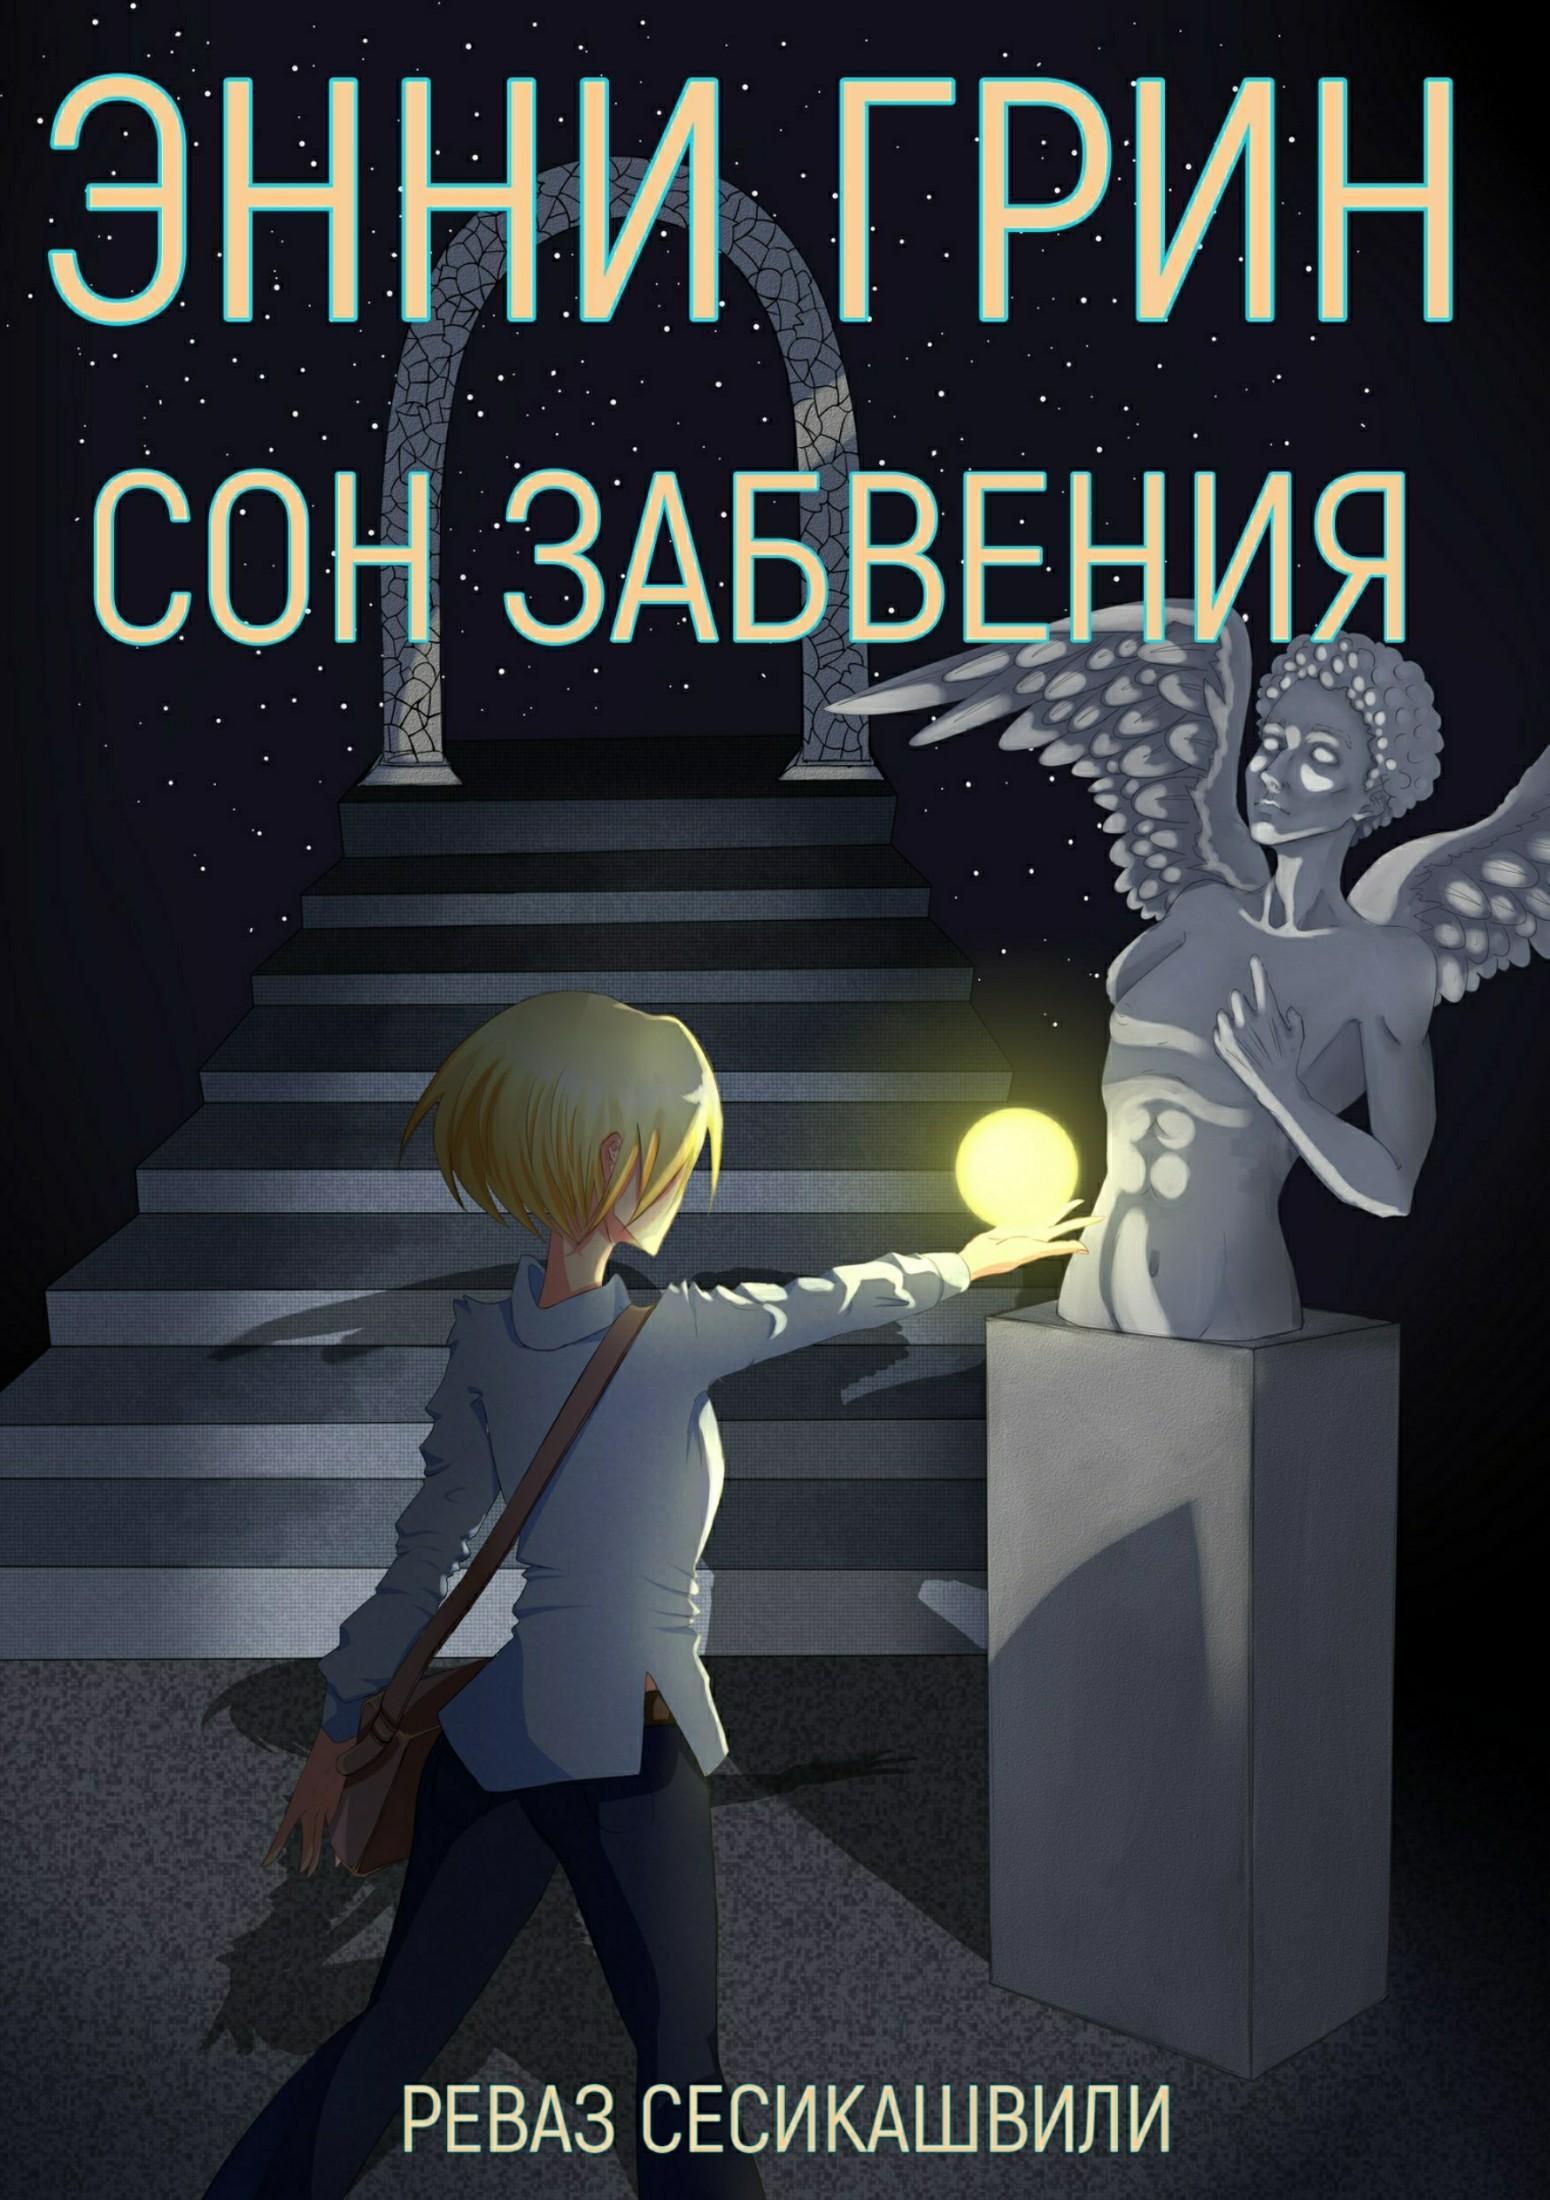 Реваз Гурамович Сесикашвили. Энни Грин: Сон Забвения